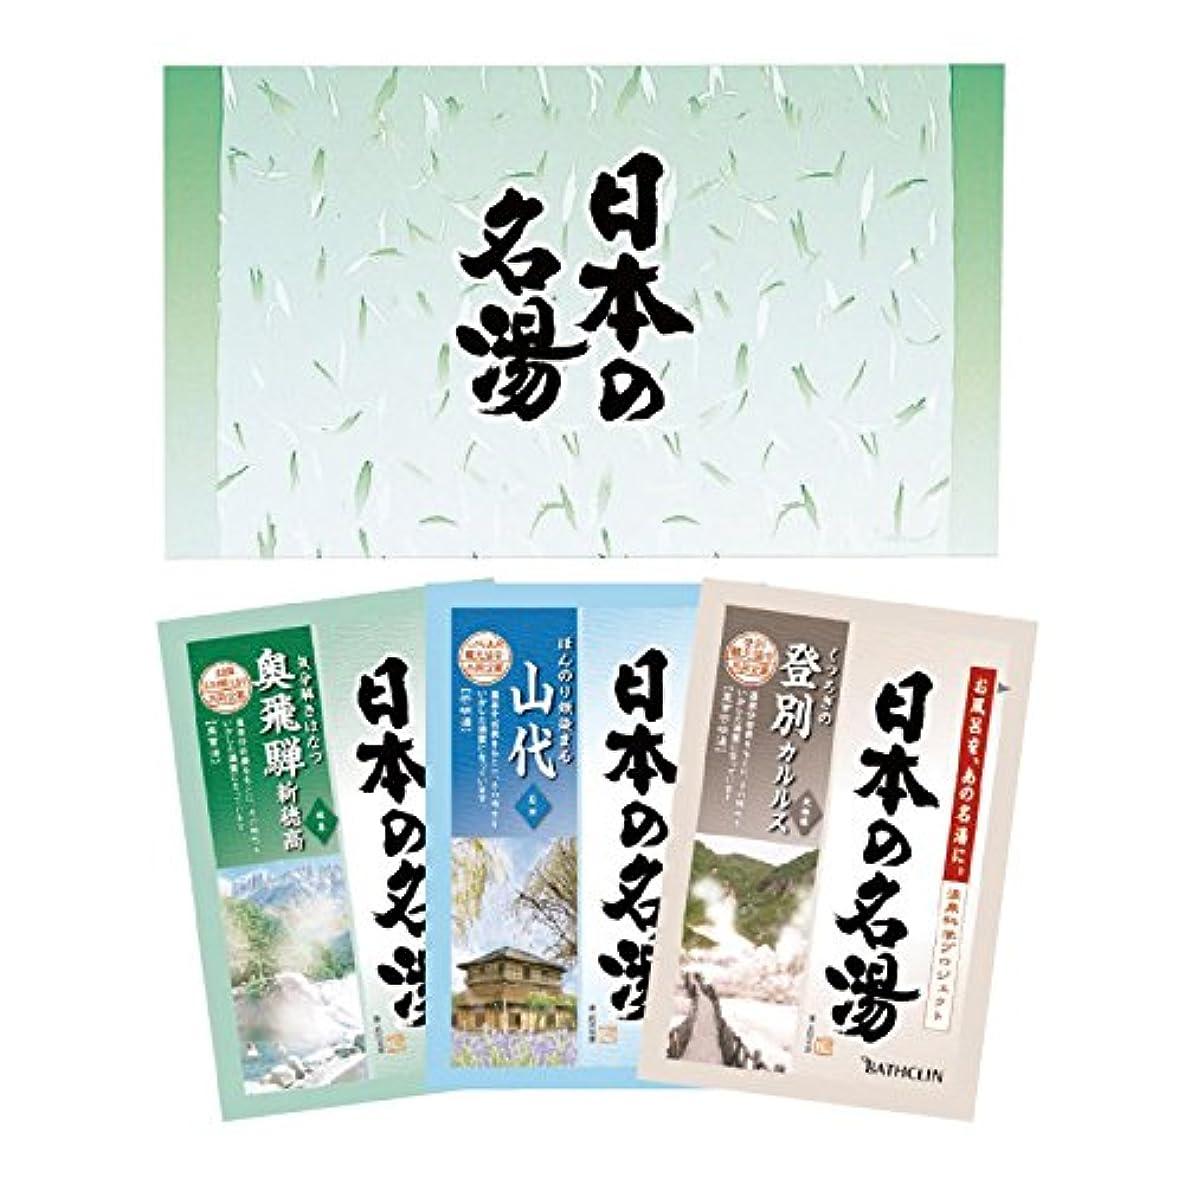 開梱送る海嶺日本の名湯 入浴剤 3包入